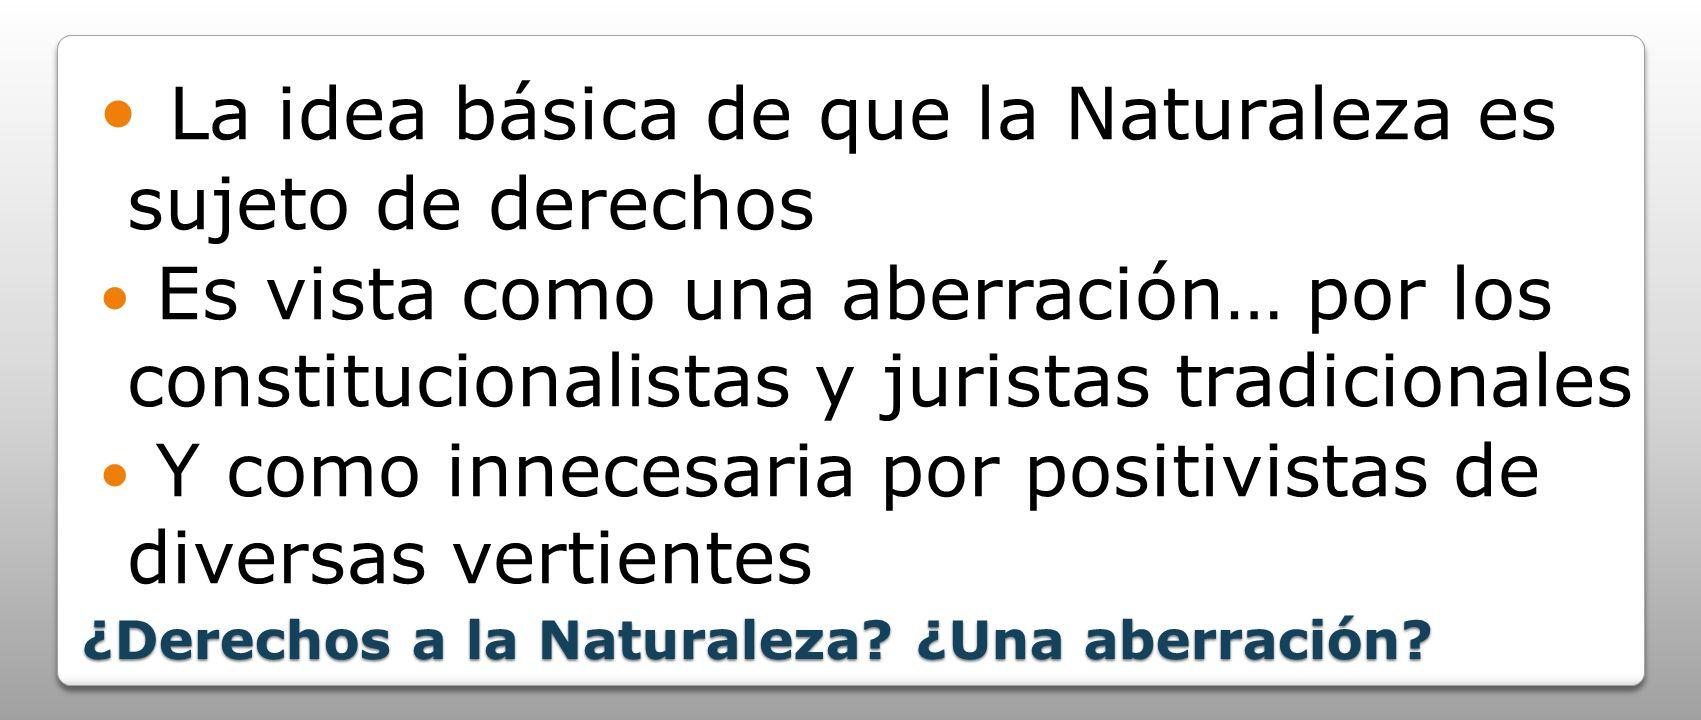 Eduardo Galeano El mundo pinta naturalezas muertas, sucumben los bosques naturales, se derriten los polos, el aire se hace irrespirable y el agua intomable, se plastifican las flores y la comida, y el cielo y la tierra se vuelven locos de remate.